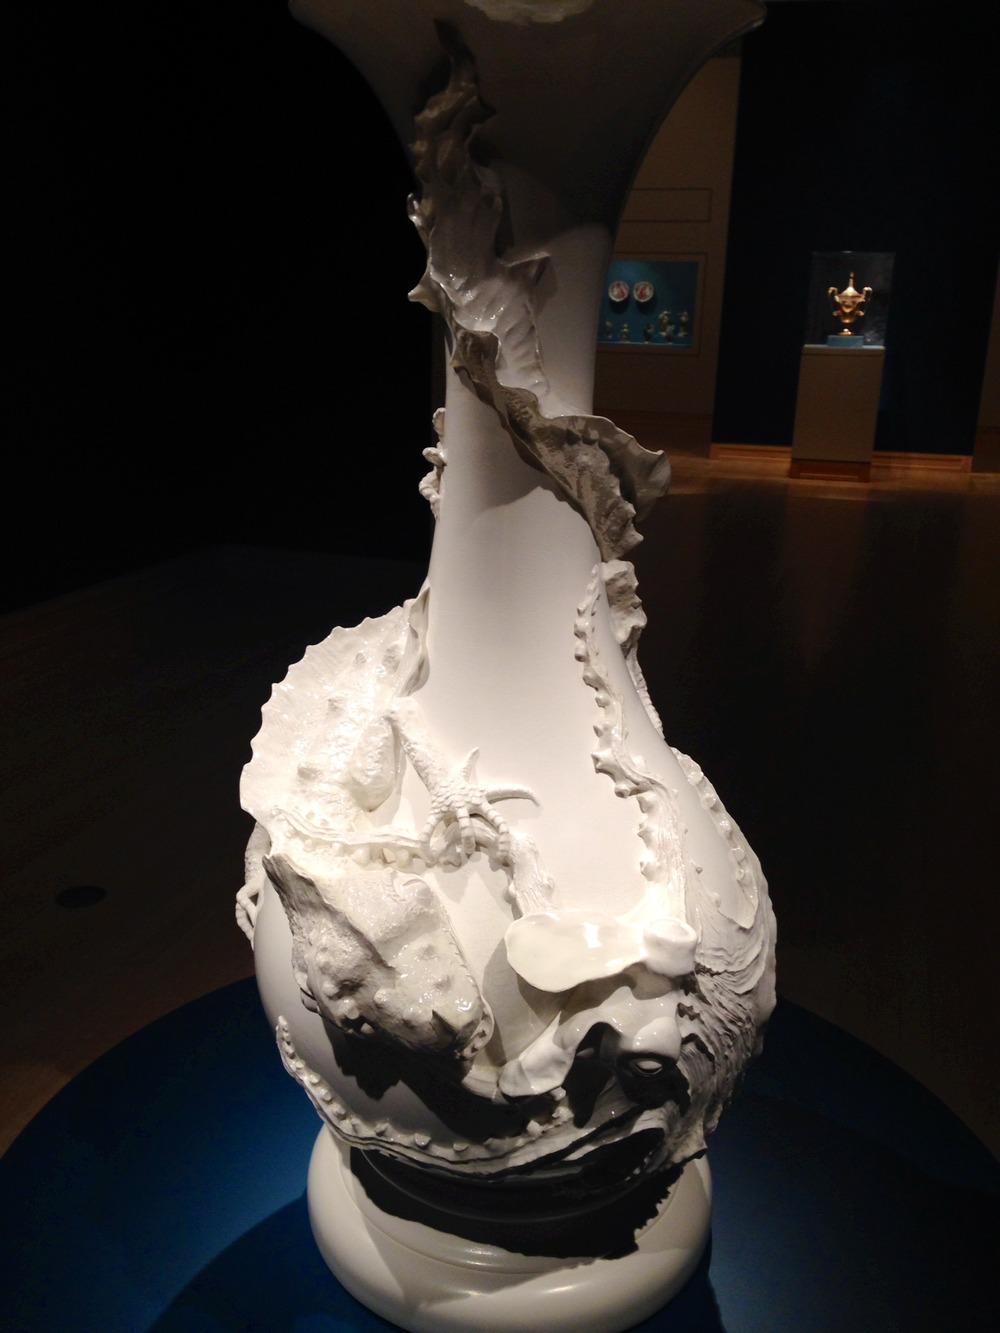 vase--lizard fighting octopus